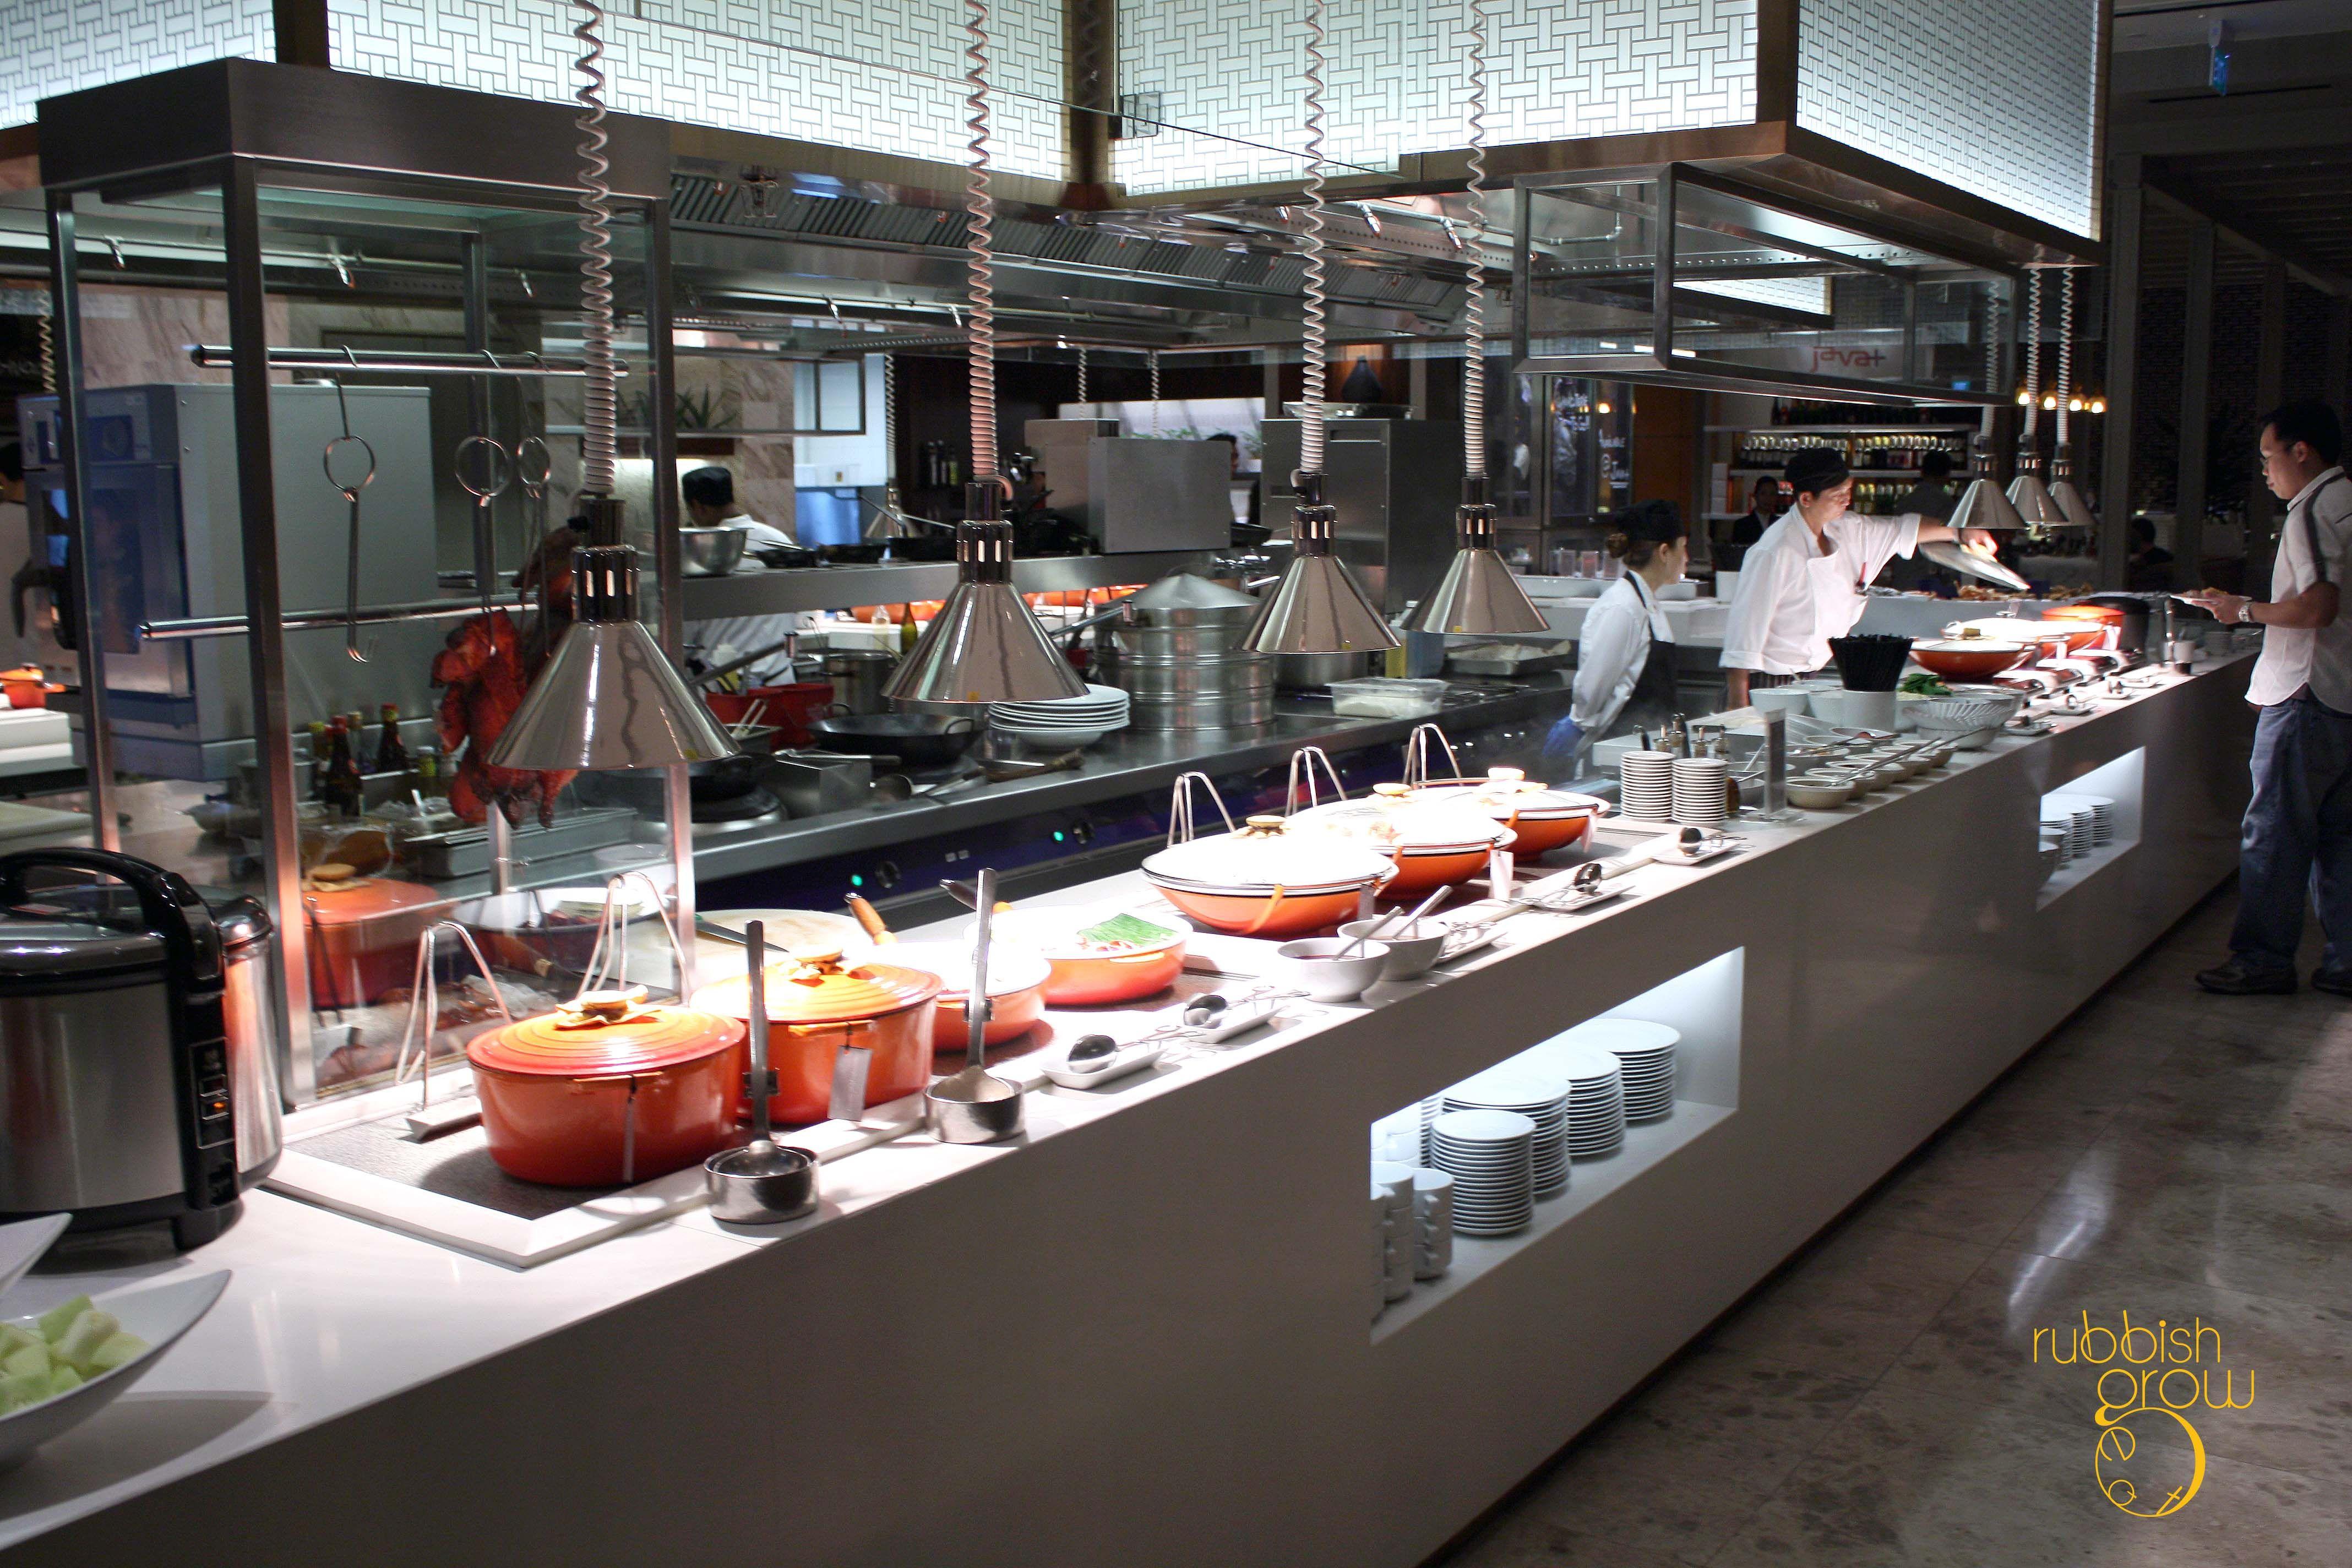 Kitchen Marriott Cafe Singapore  Luxury Kitchen  Pinterest Amusing Hotel Kitchen Design Design Inspiration